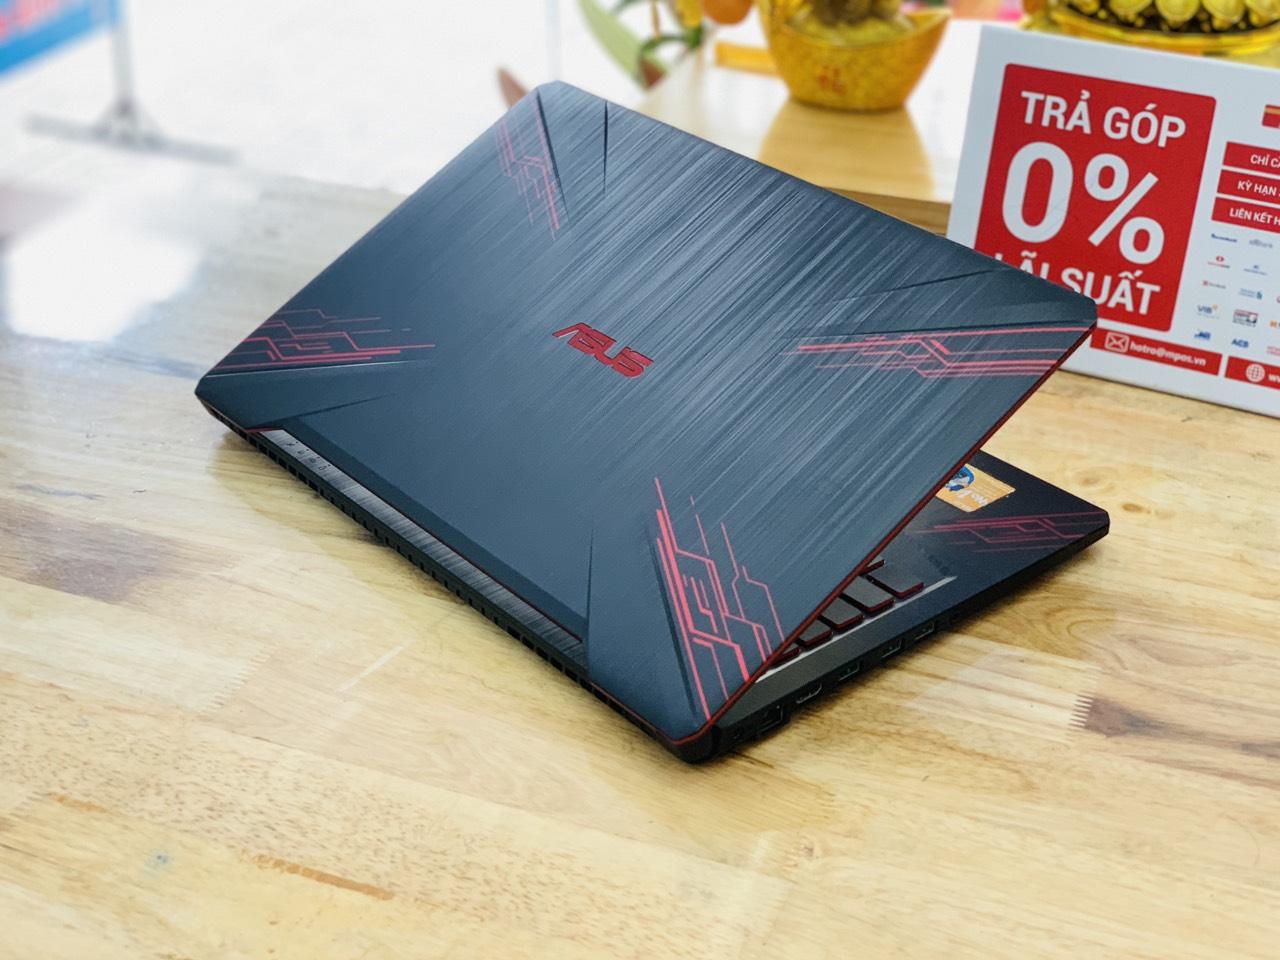 Asus Gaming FX504GE i7-8750H